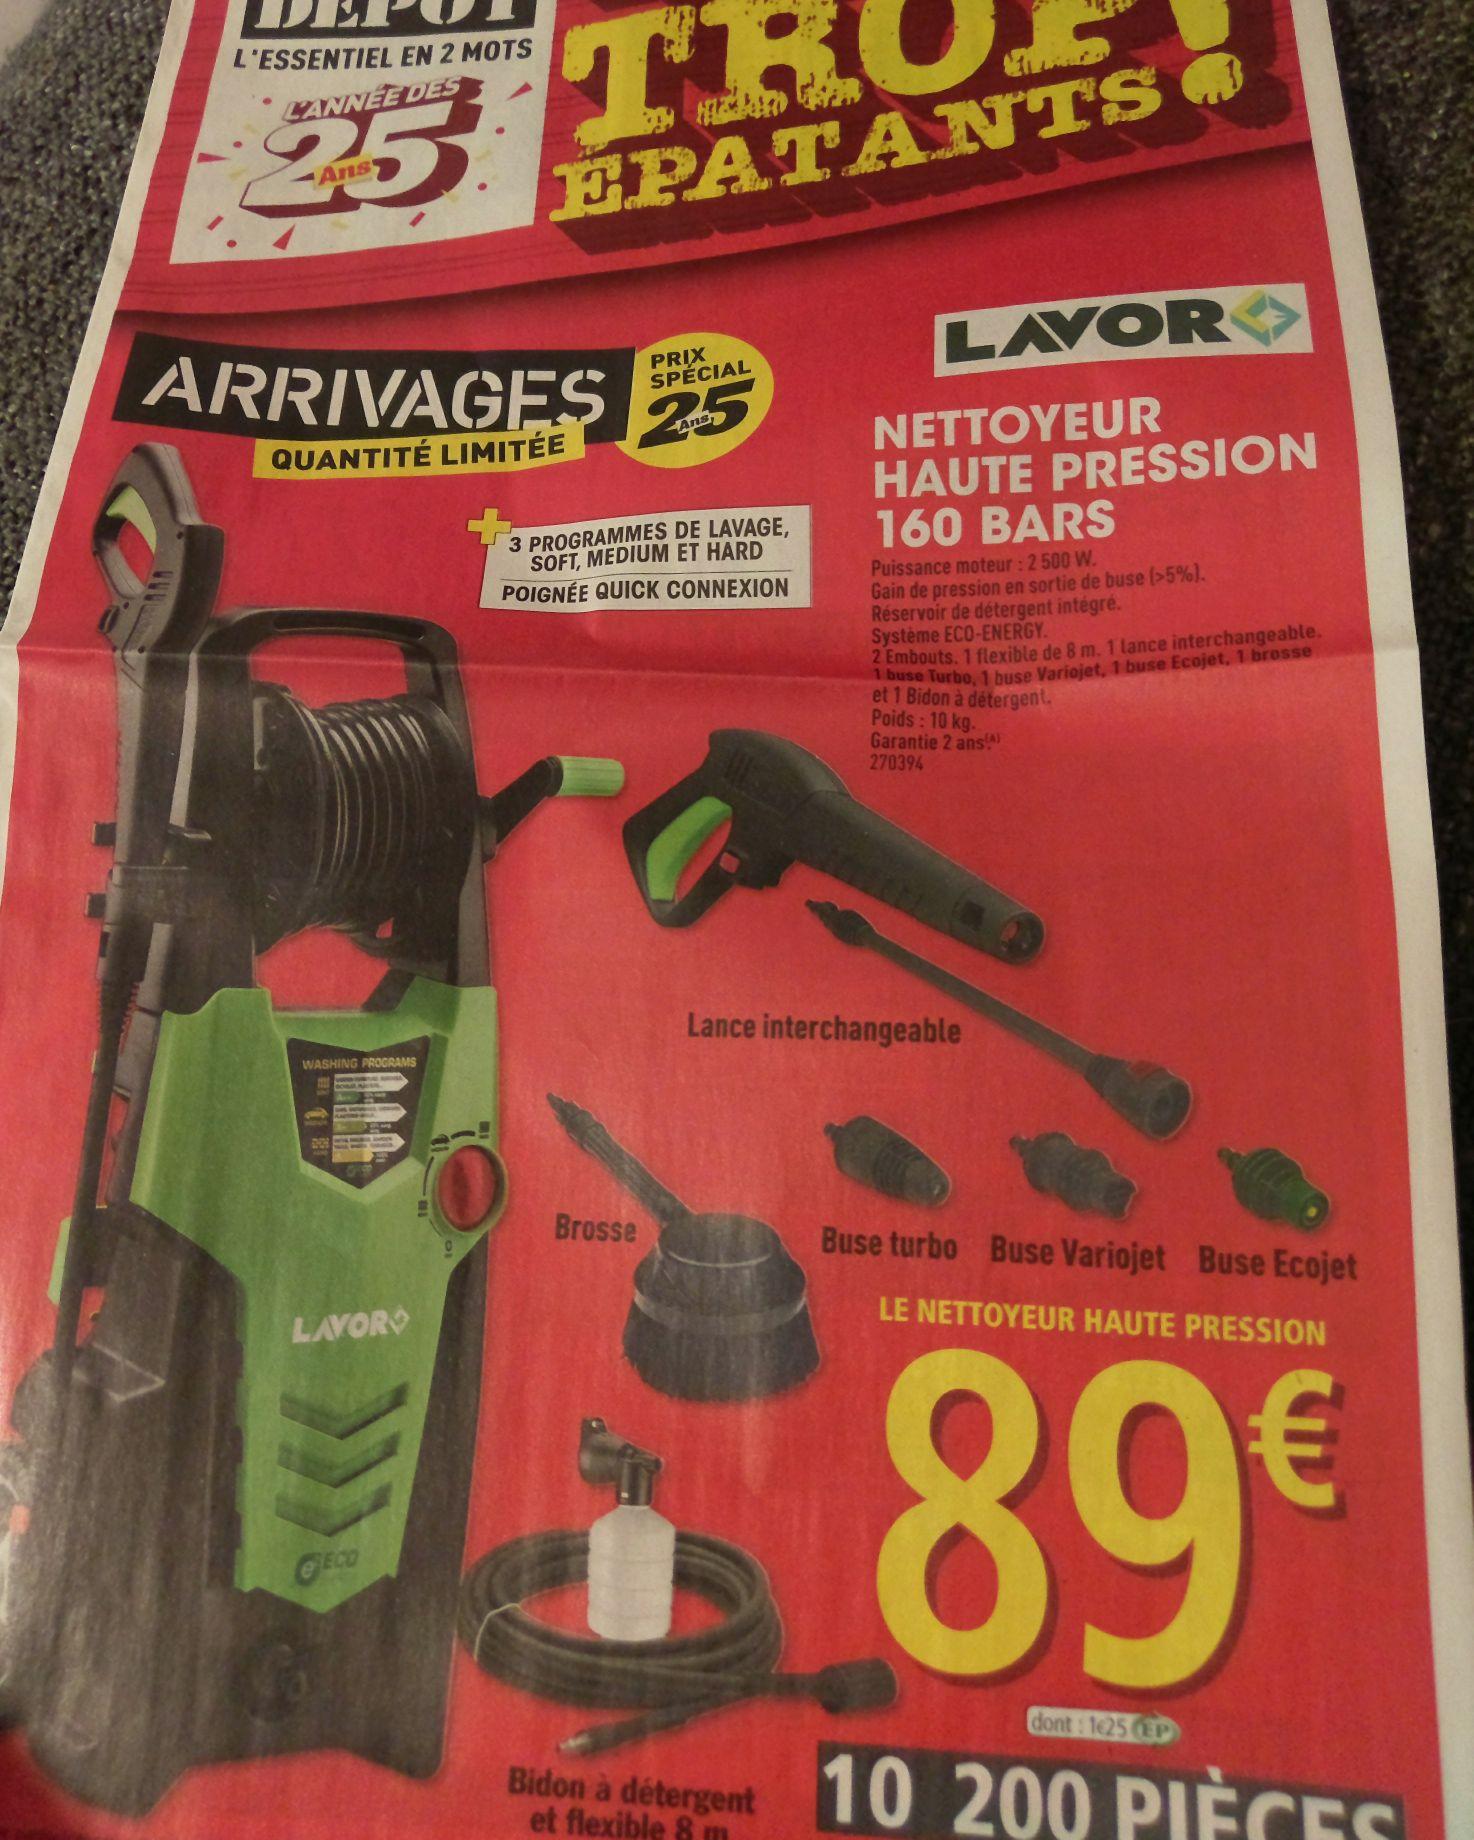 Nettoyeur haute pression Lavor - 160 bars, 2500W